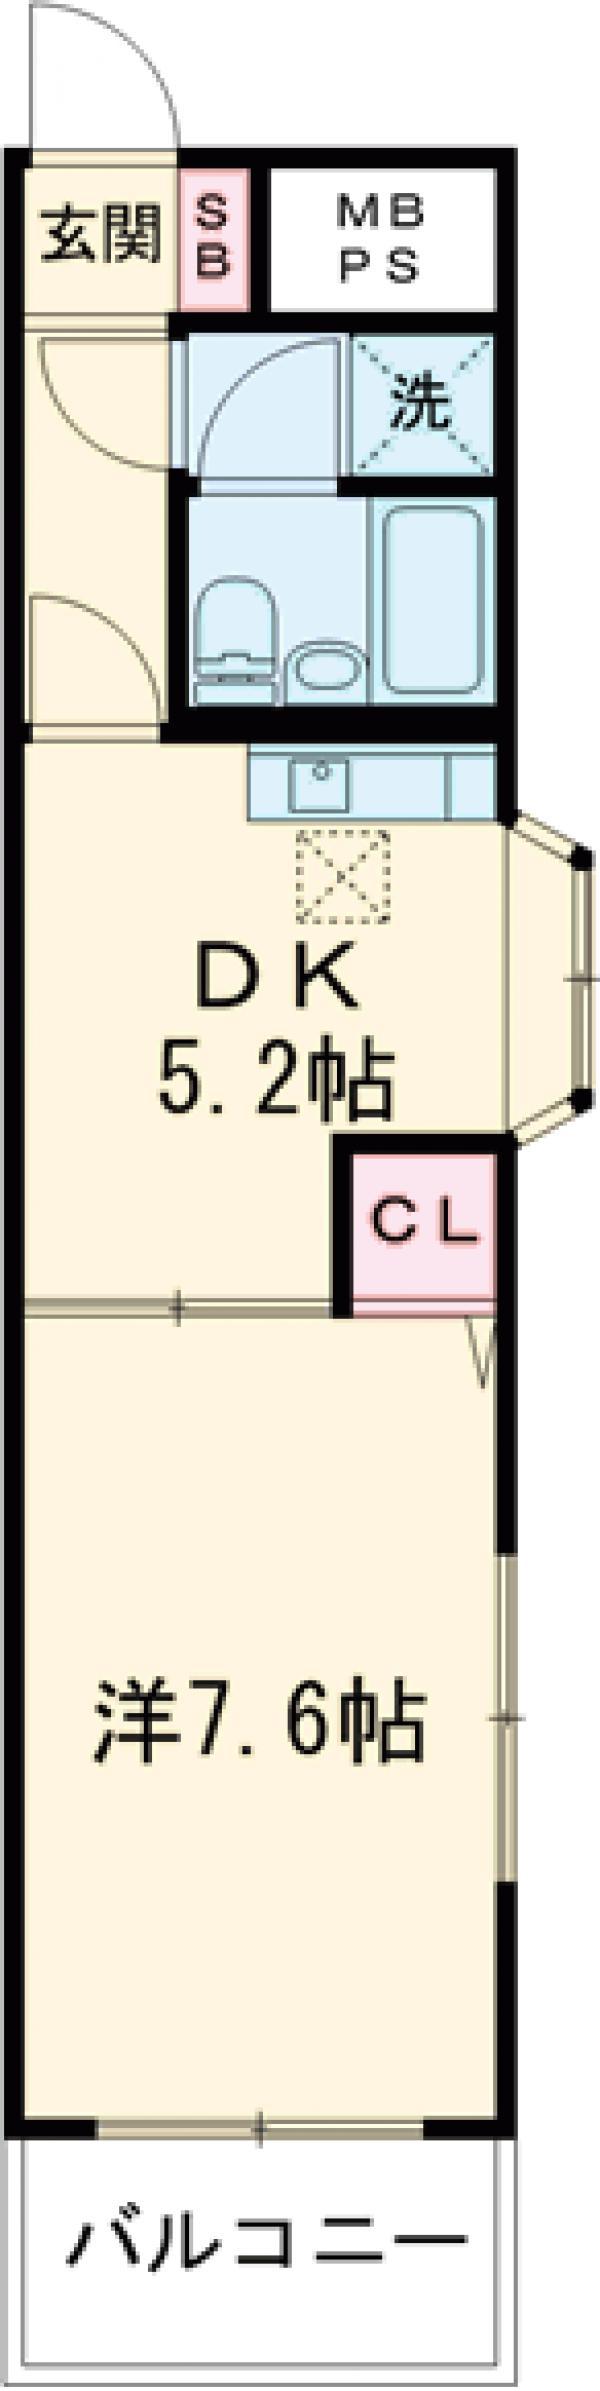 ライオンズマンション小岩第5 124号室の間取り